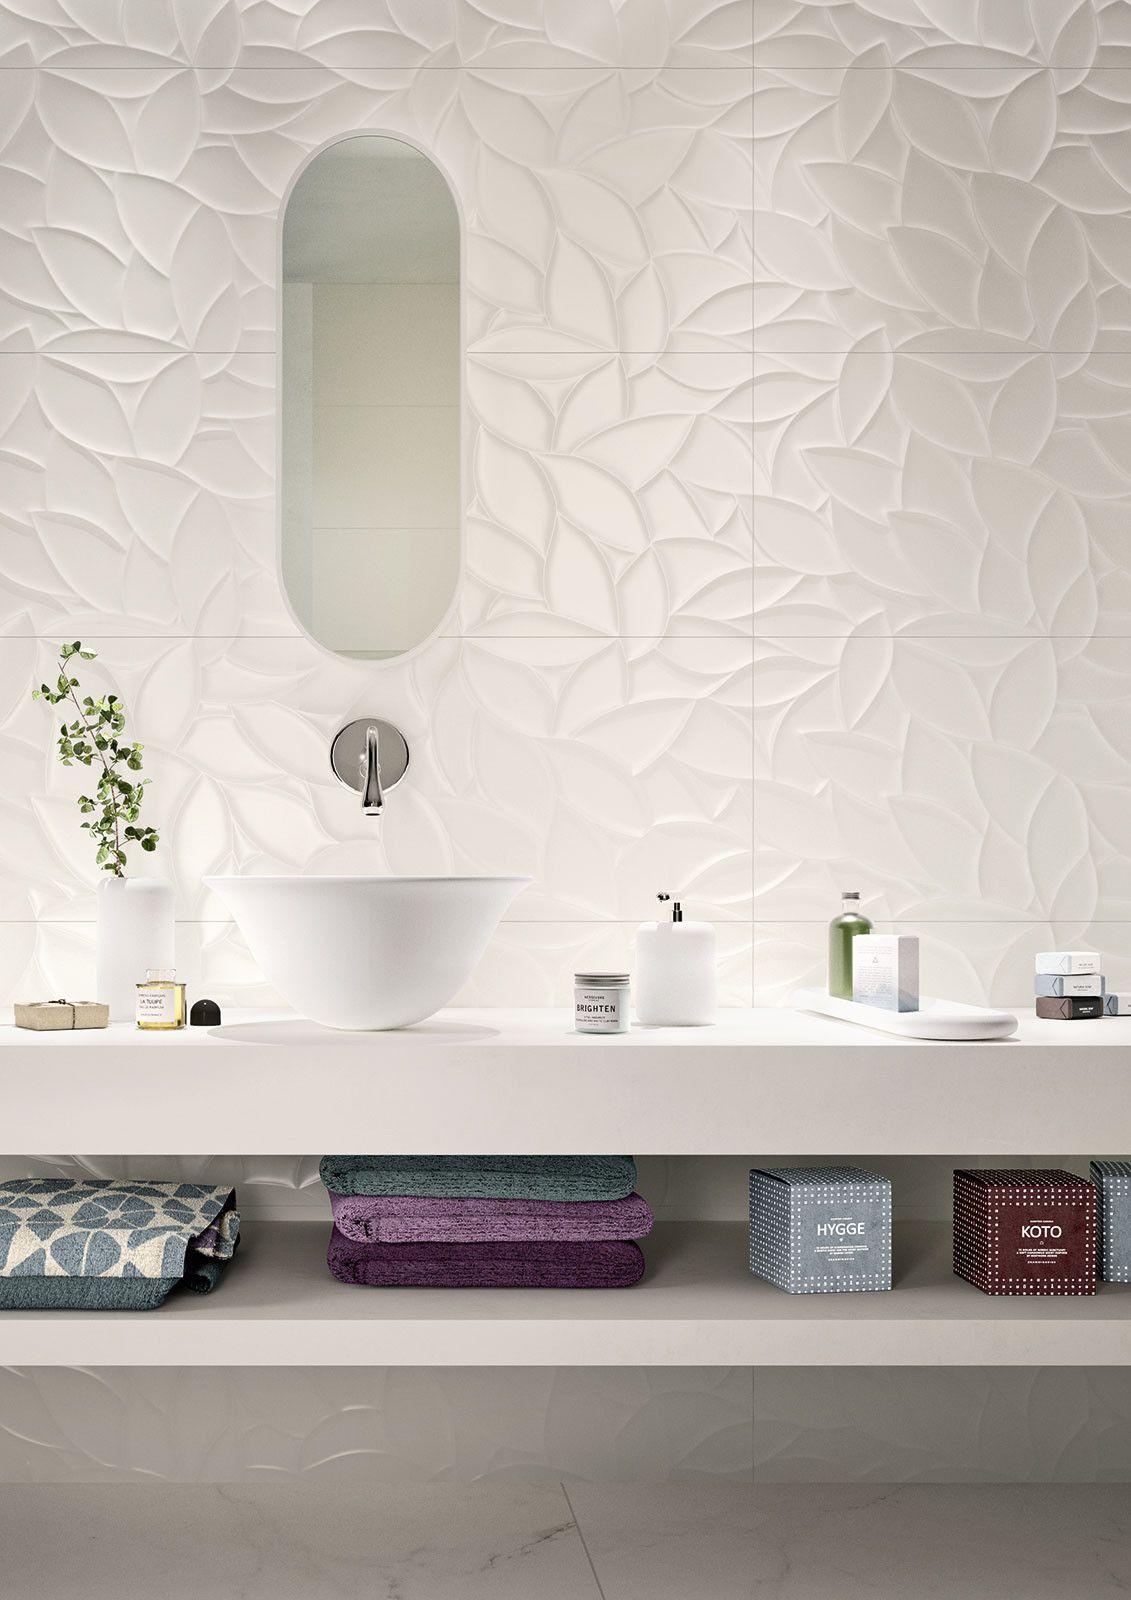 Marazzi Essenziale Flora 3d 40x120 Cm Mmfp Badezimmer Dekor Bodenbelag Fur Badezimmer Badezimmerideen